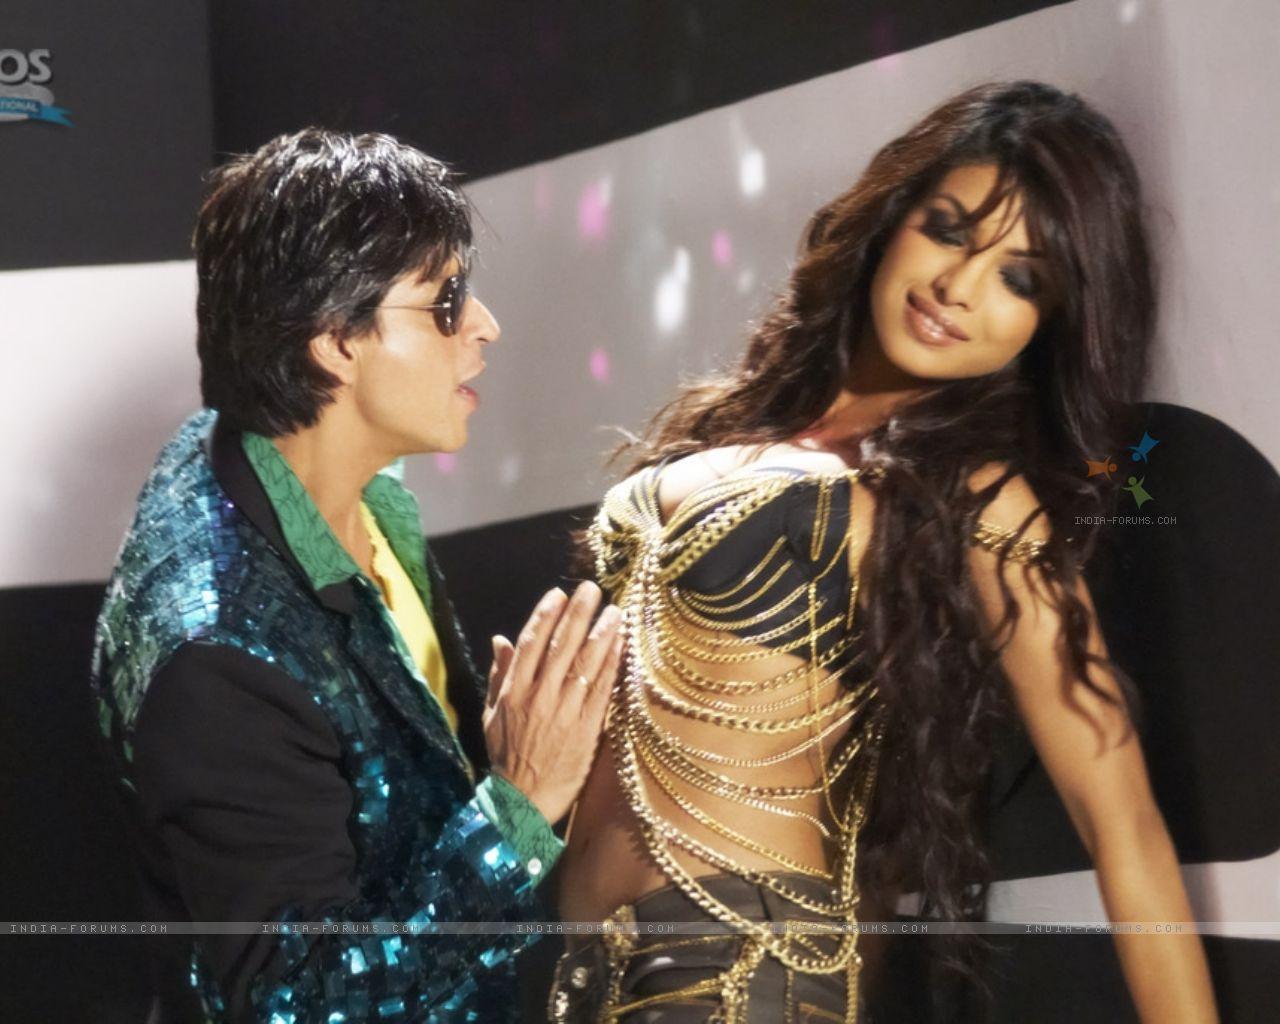 Priyanka Chopra Hot Sexy Beautiful 2011 Wallpapers -2475